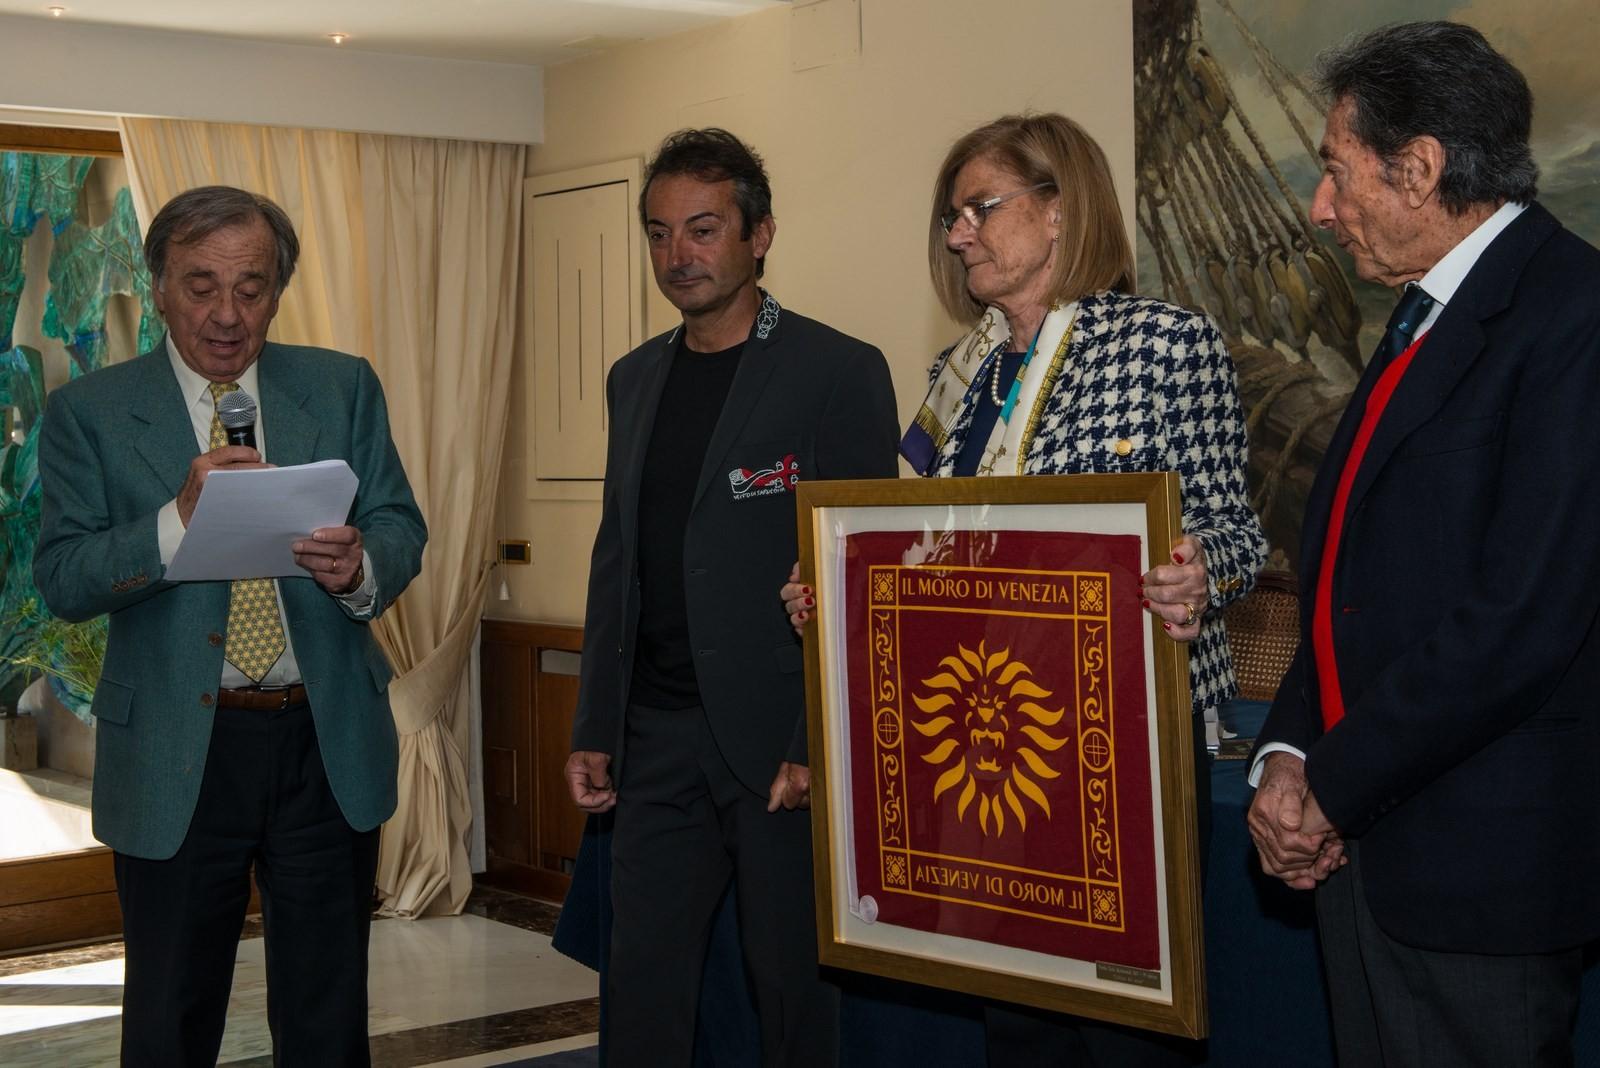 C.Nobis, A.Mura, P.Melani, M.Sonnino